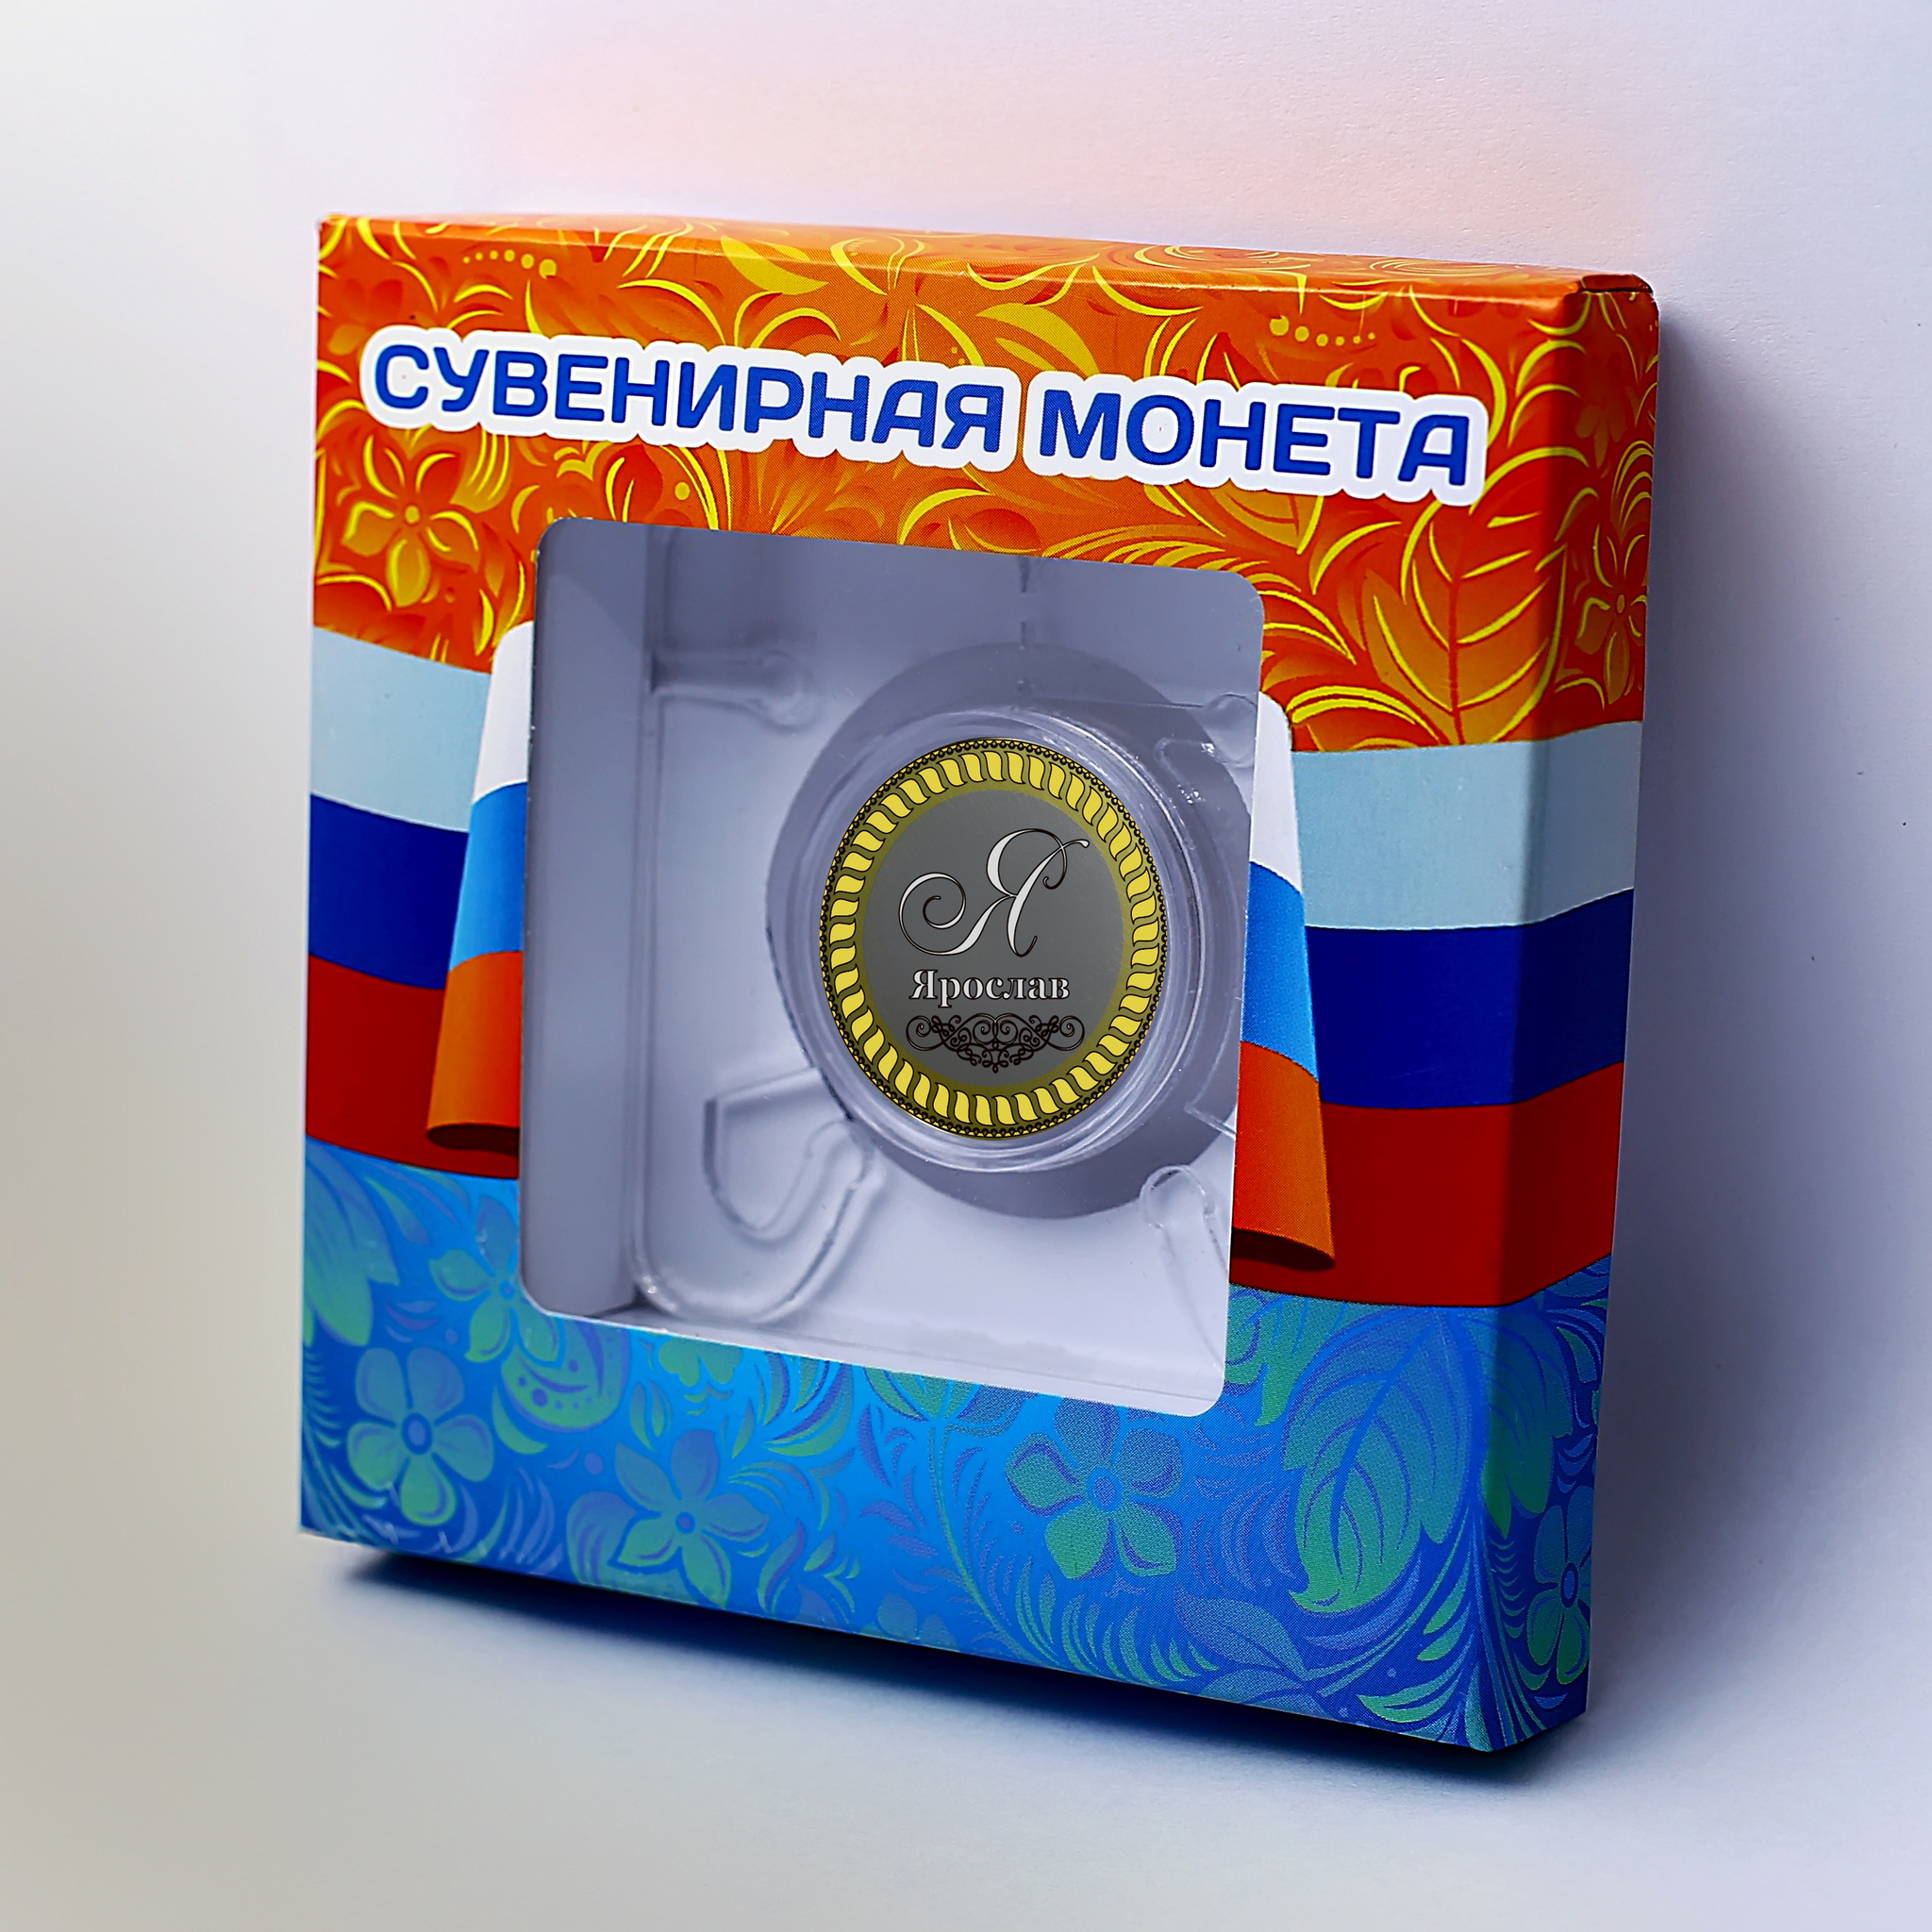 Ярослав. Гравированная монета 10 рублей в подарочной коробочке с подставкой